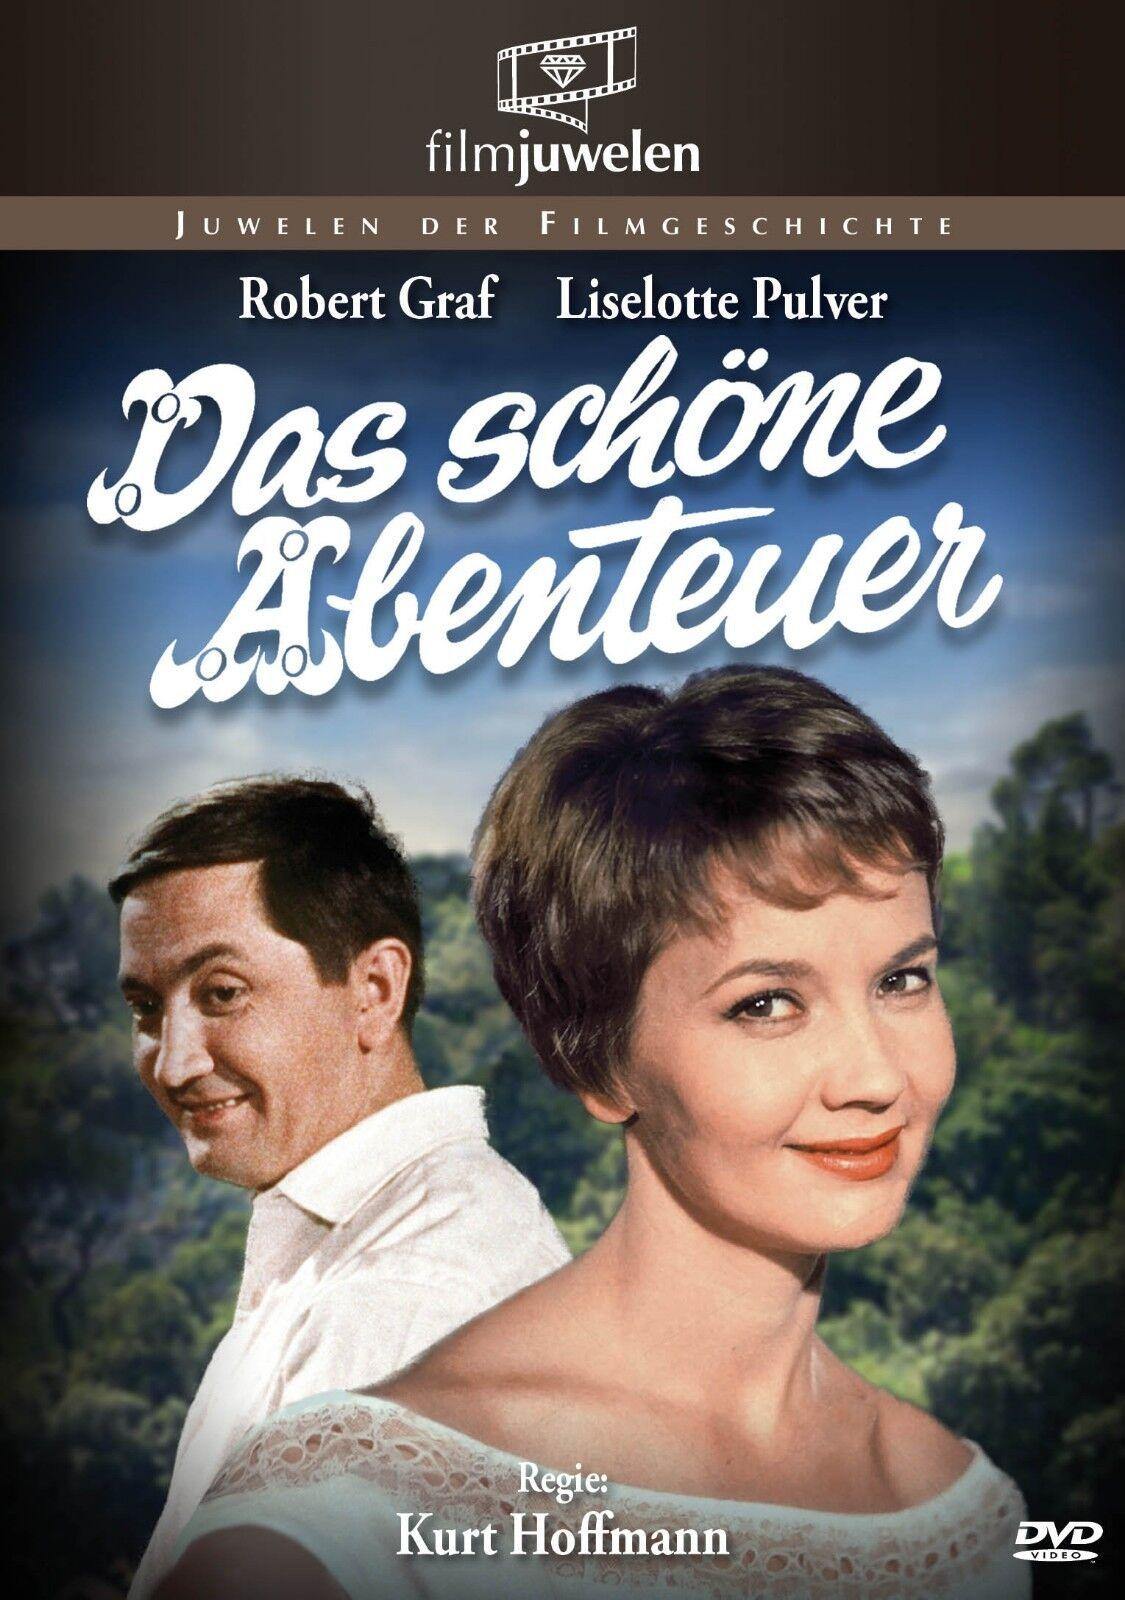 Das schöne Abenteuer (1959) - Liselotte Pulver - Kurt Hoffmann - Filmjuwelen DVD